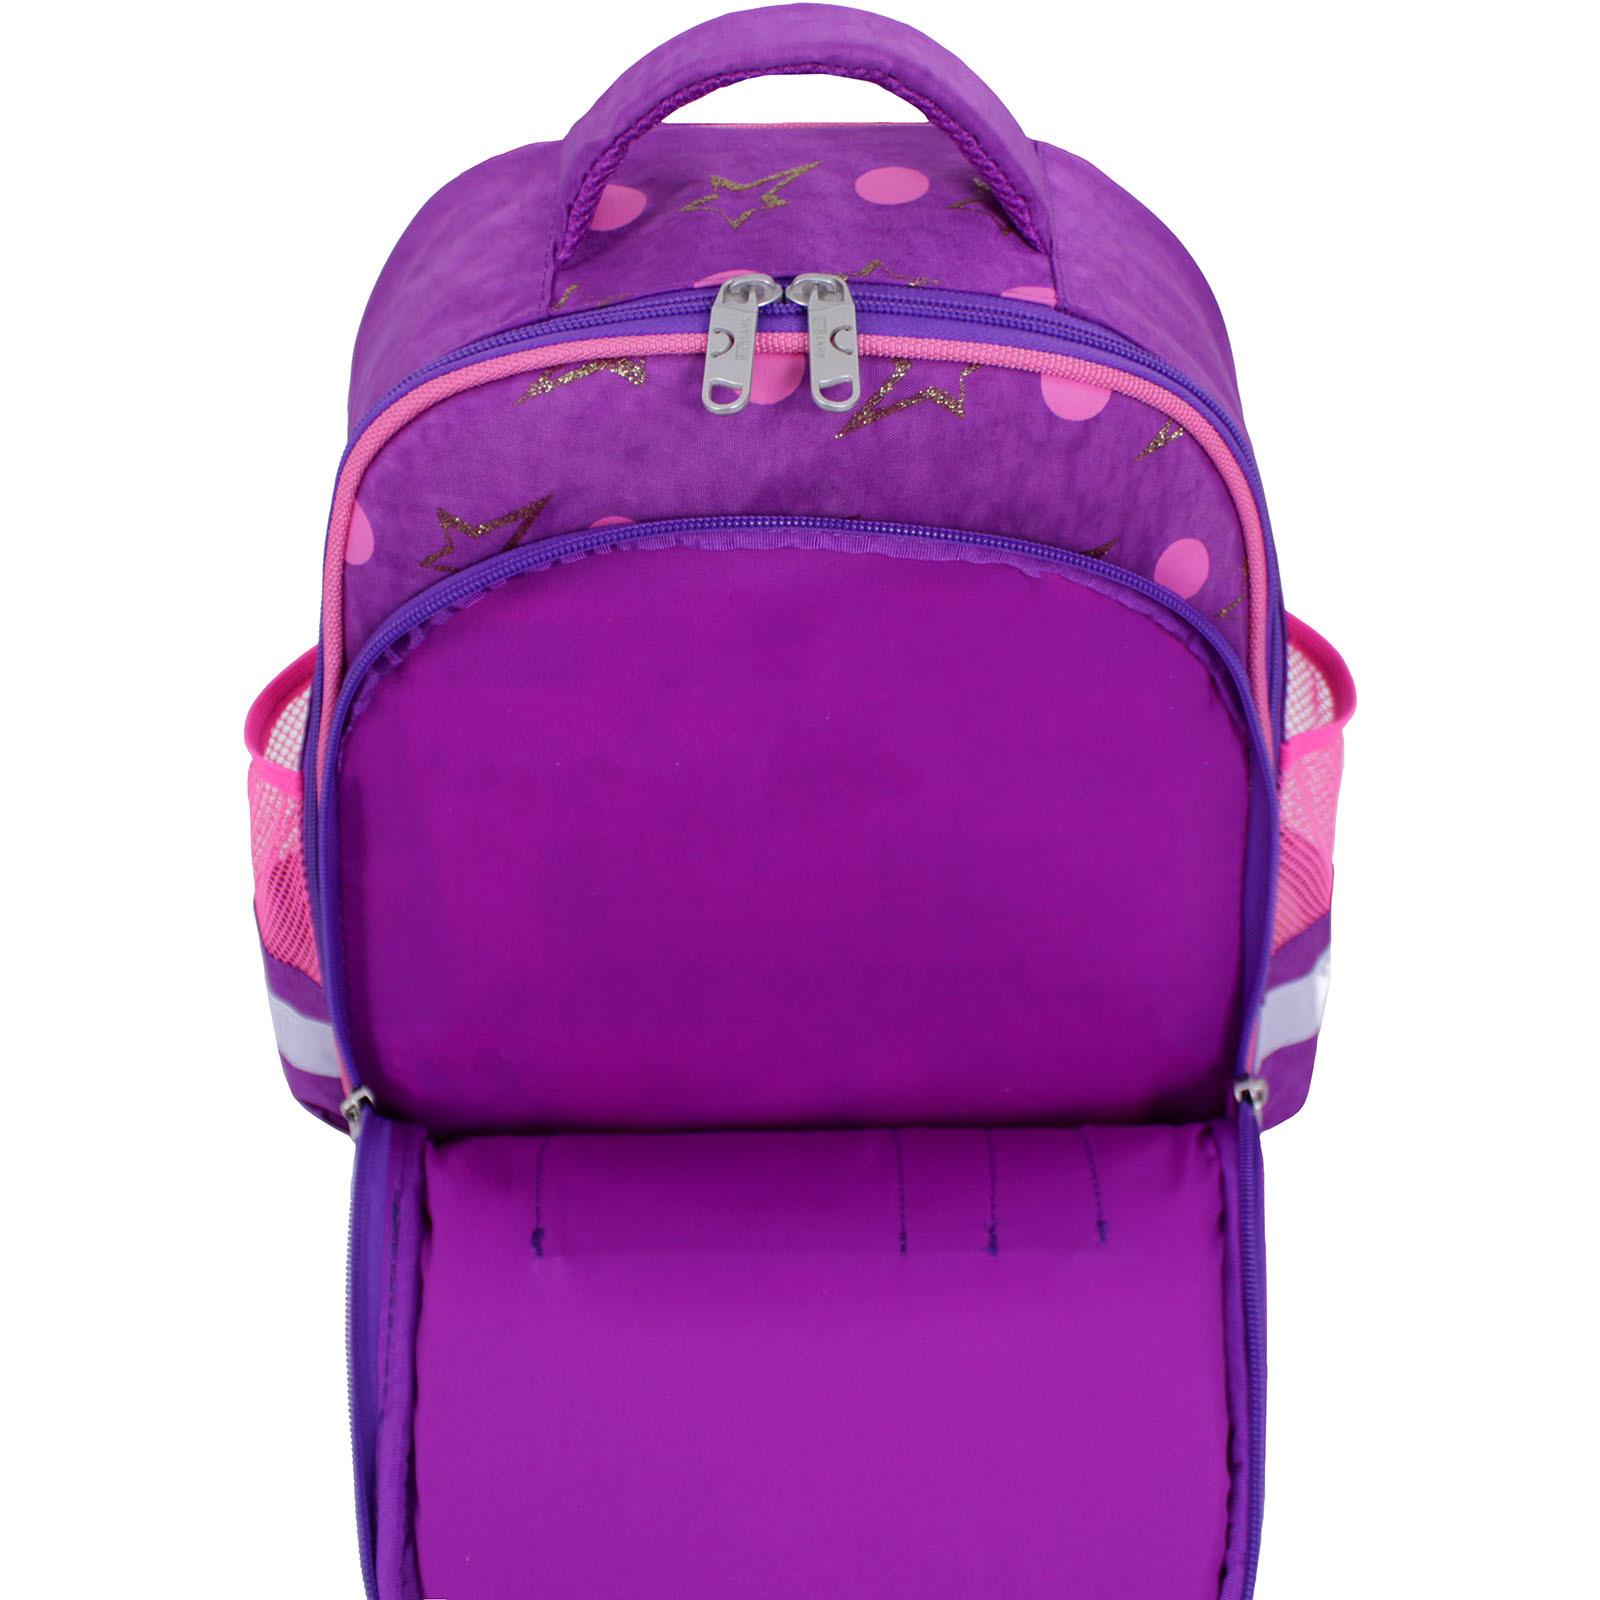 Рюкзак школьный Bagland Mouse 339 фиолетовый 428 (0051370) фото 4